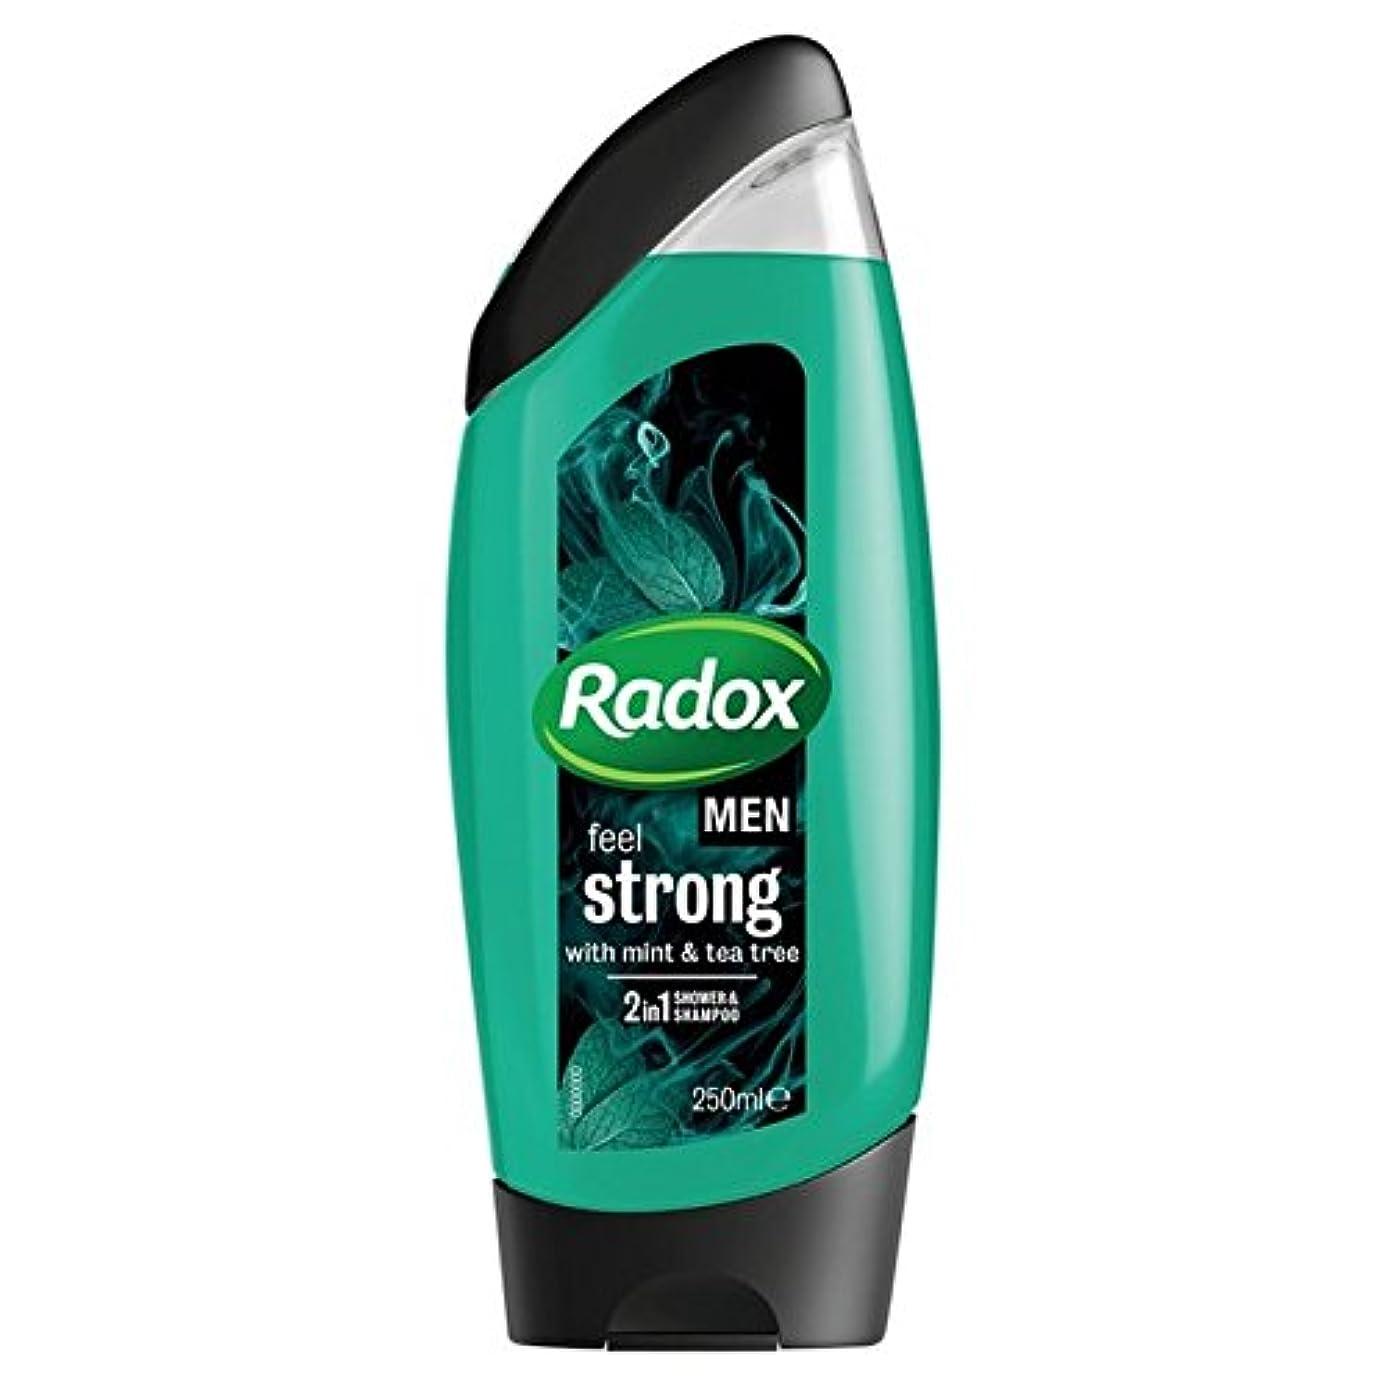 容器物足りないキャプションRadox Men Feel Strong Mint & Tea Tree 2in1 Shower Gel 250ml - 男性は、強力なミント&ティーツリーの21のシャワージェル250ミリリットルを感じます [並行輸入品]